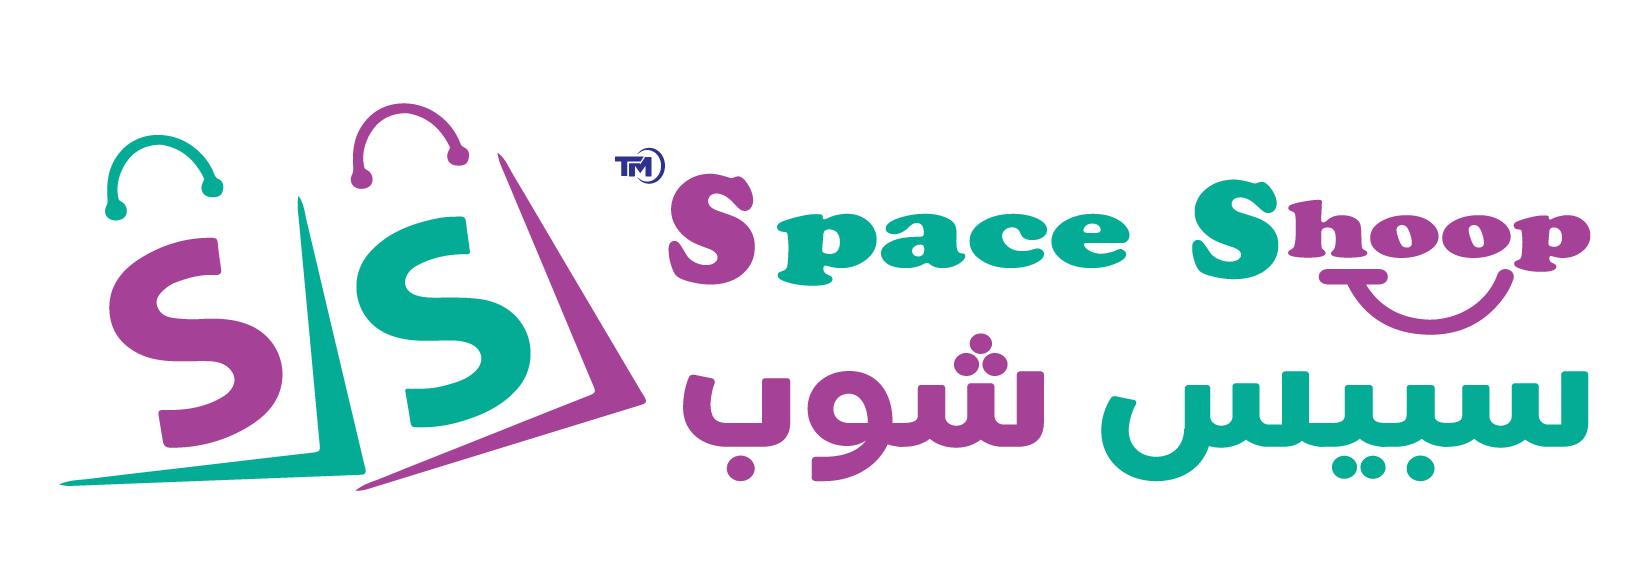 Space Shoop